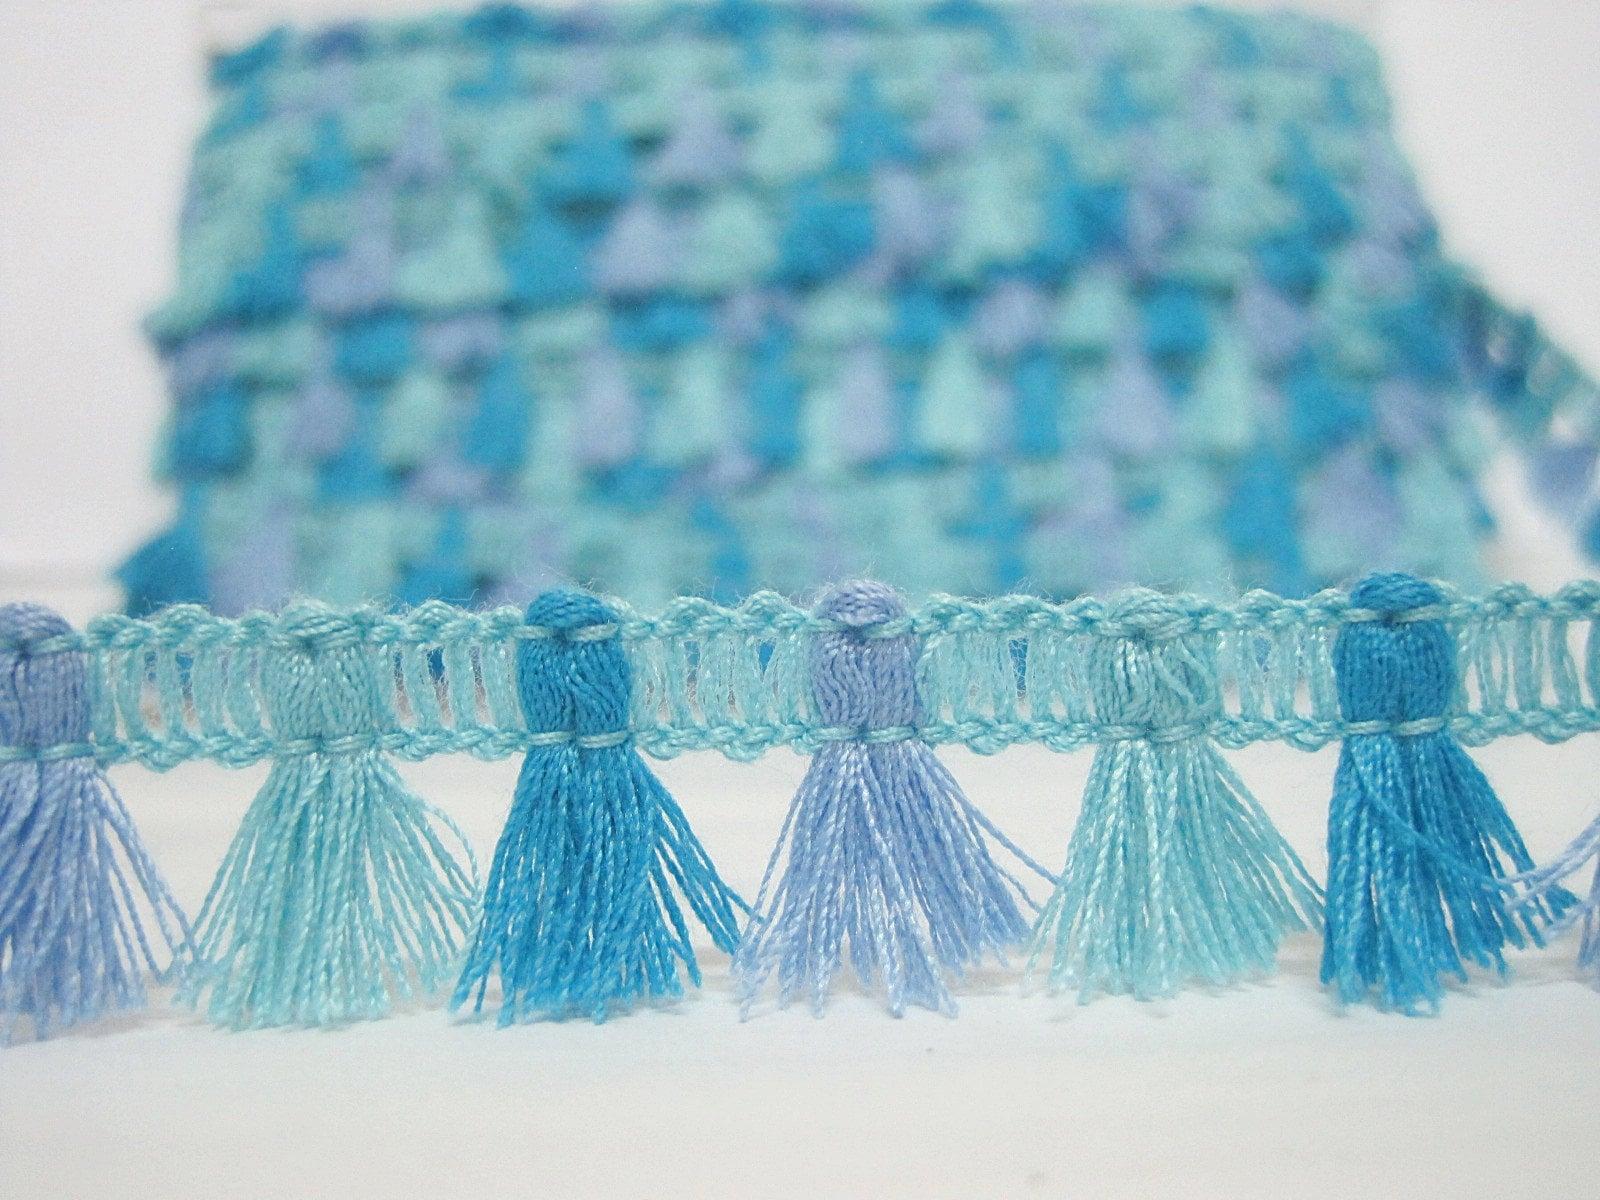 tassel trim blue trim boho trim blue tassel fringe 5 yards Turquoise Boho Tassel Fringe Tassel garland blue fringe blue tassel trim